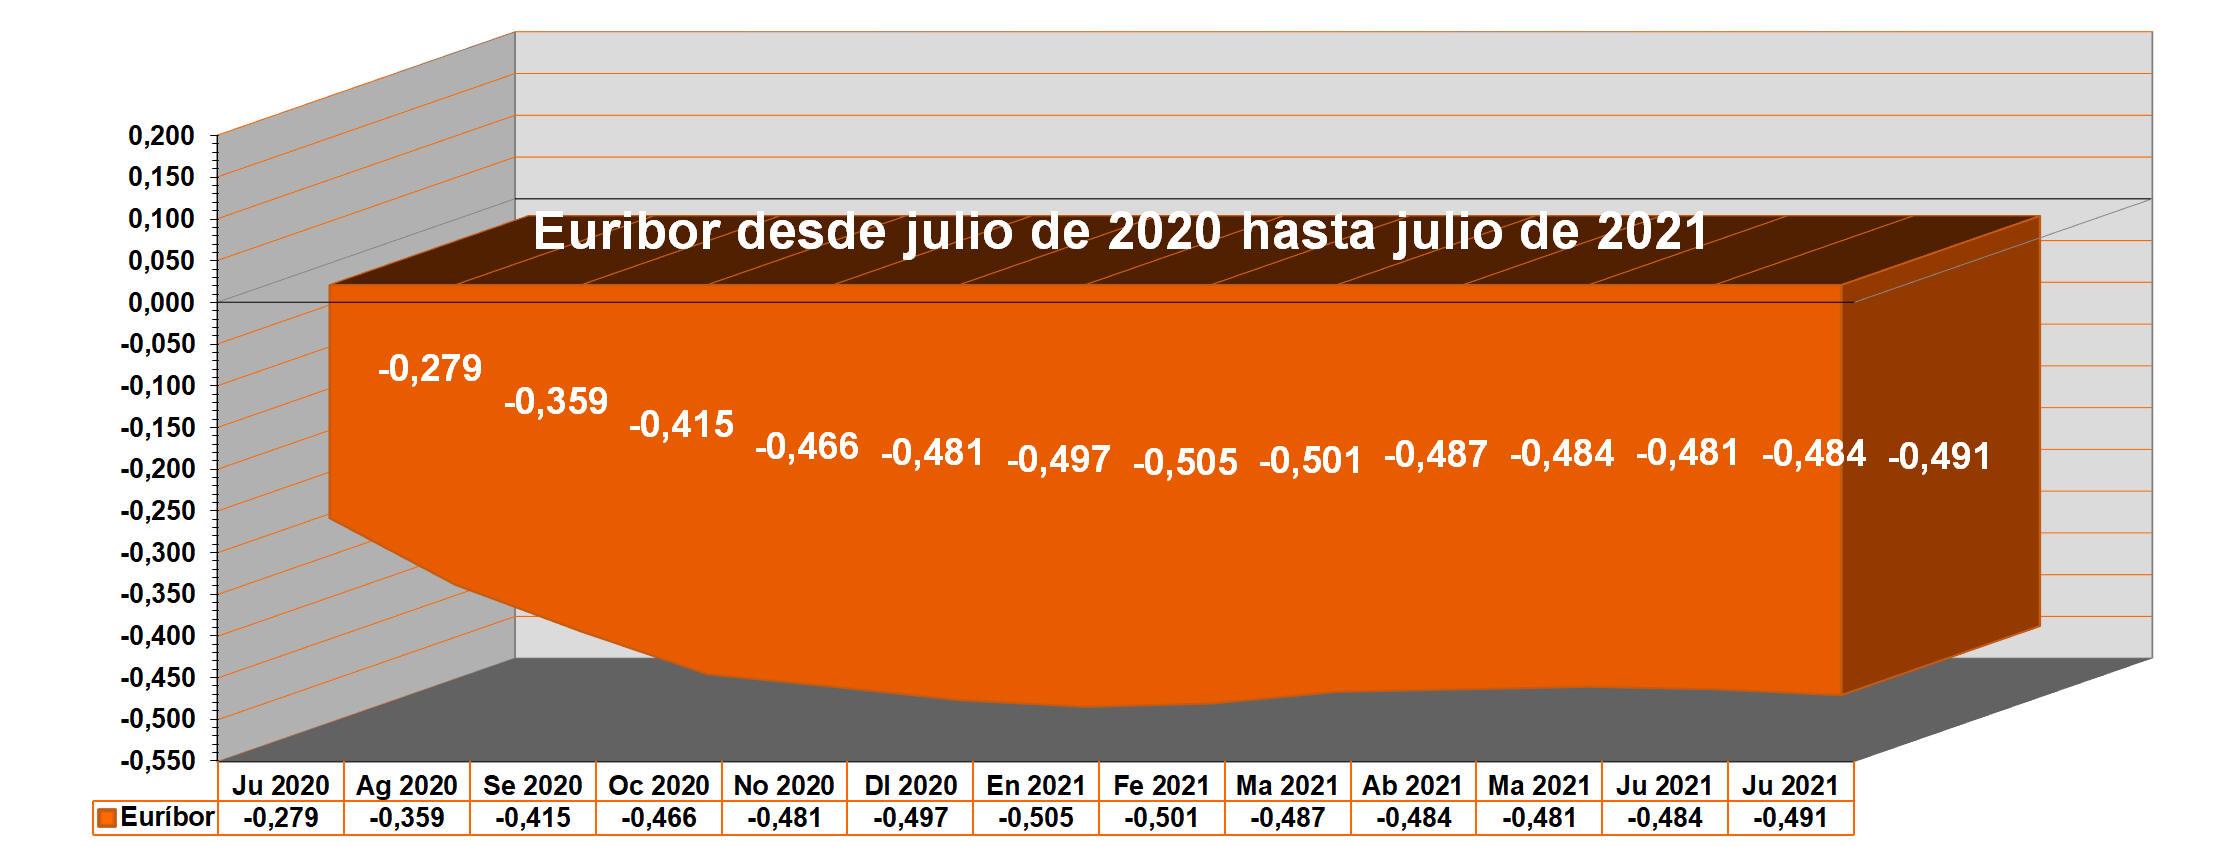 Gráfico anual del Euríbor desde julio de 2020 hasta julio de 2021